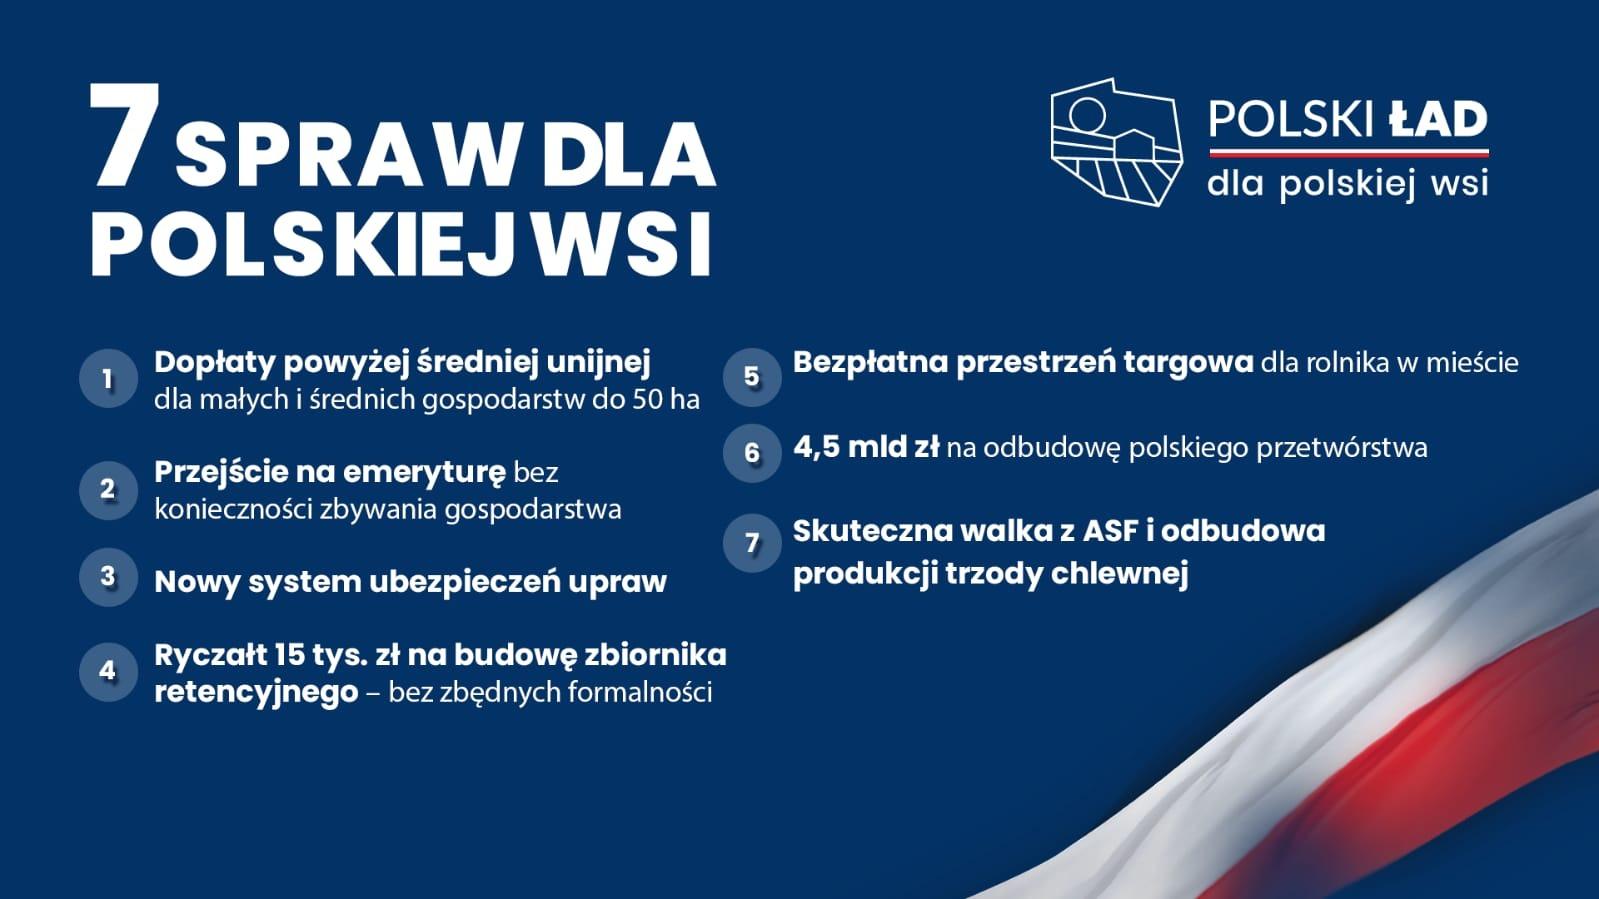 Polski Ład dla polskiej wsi